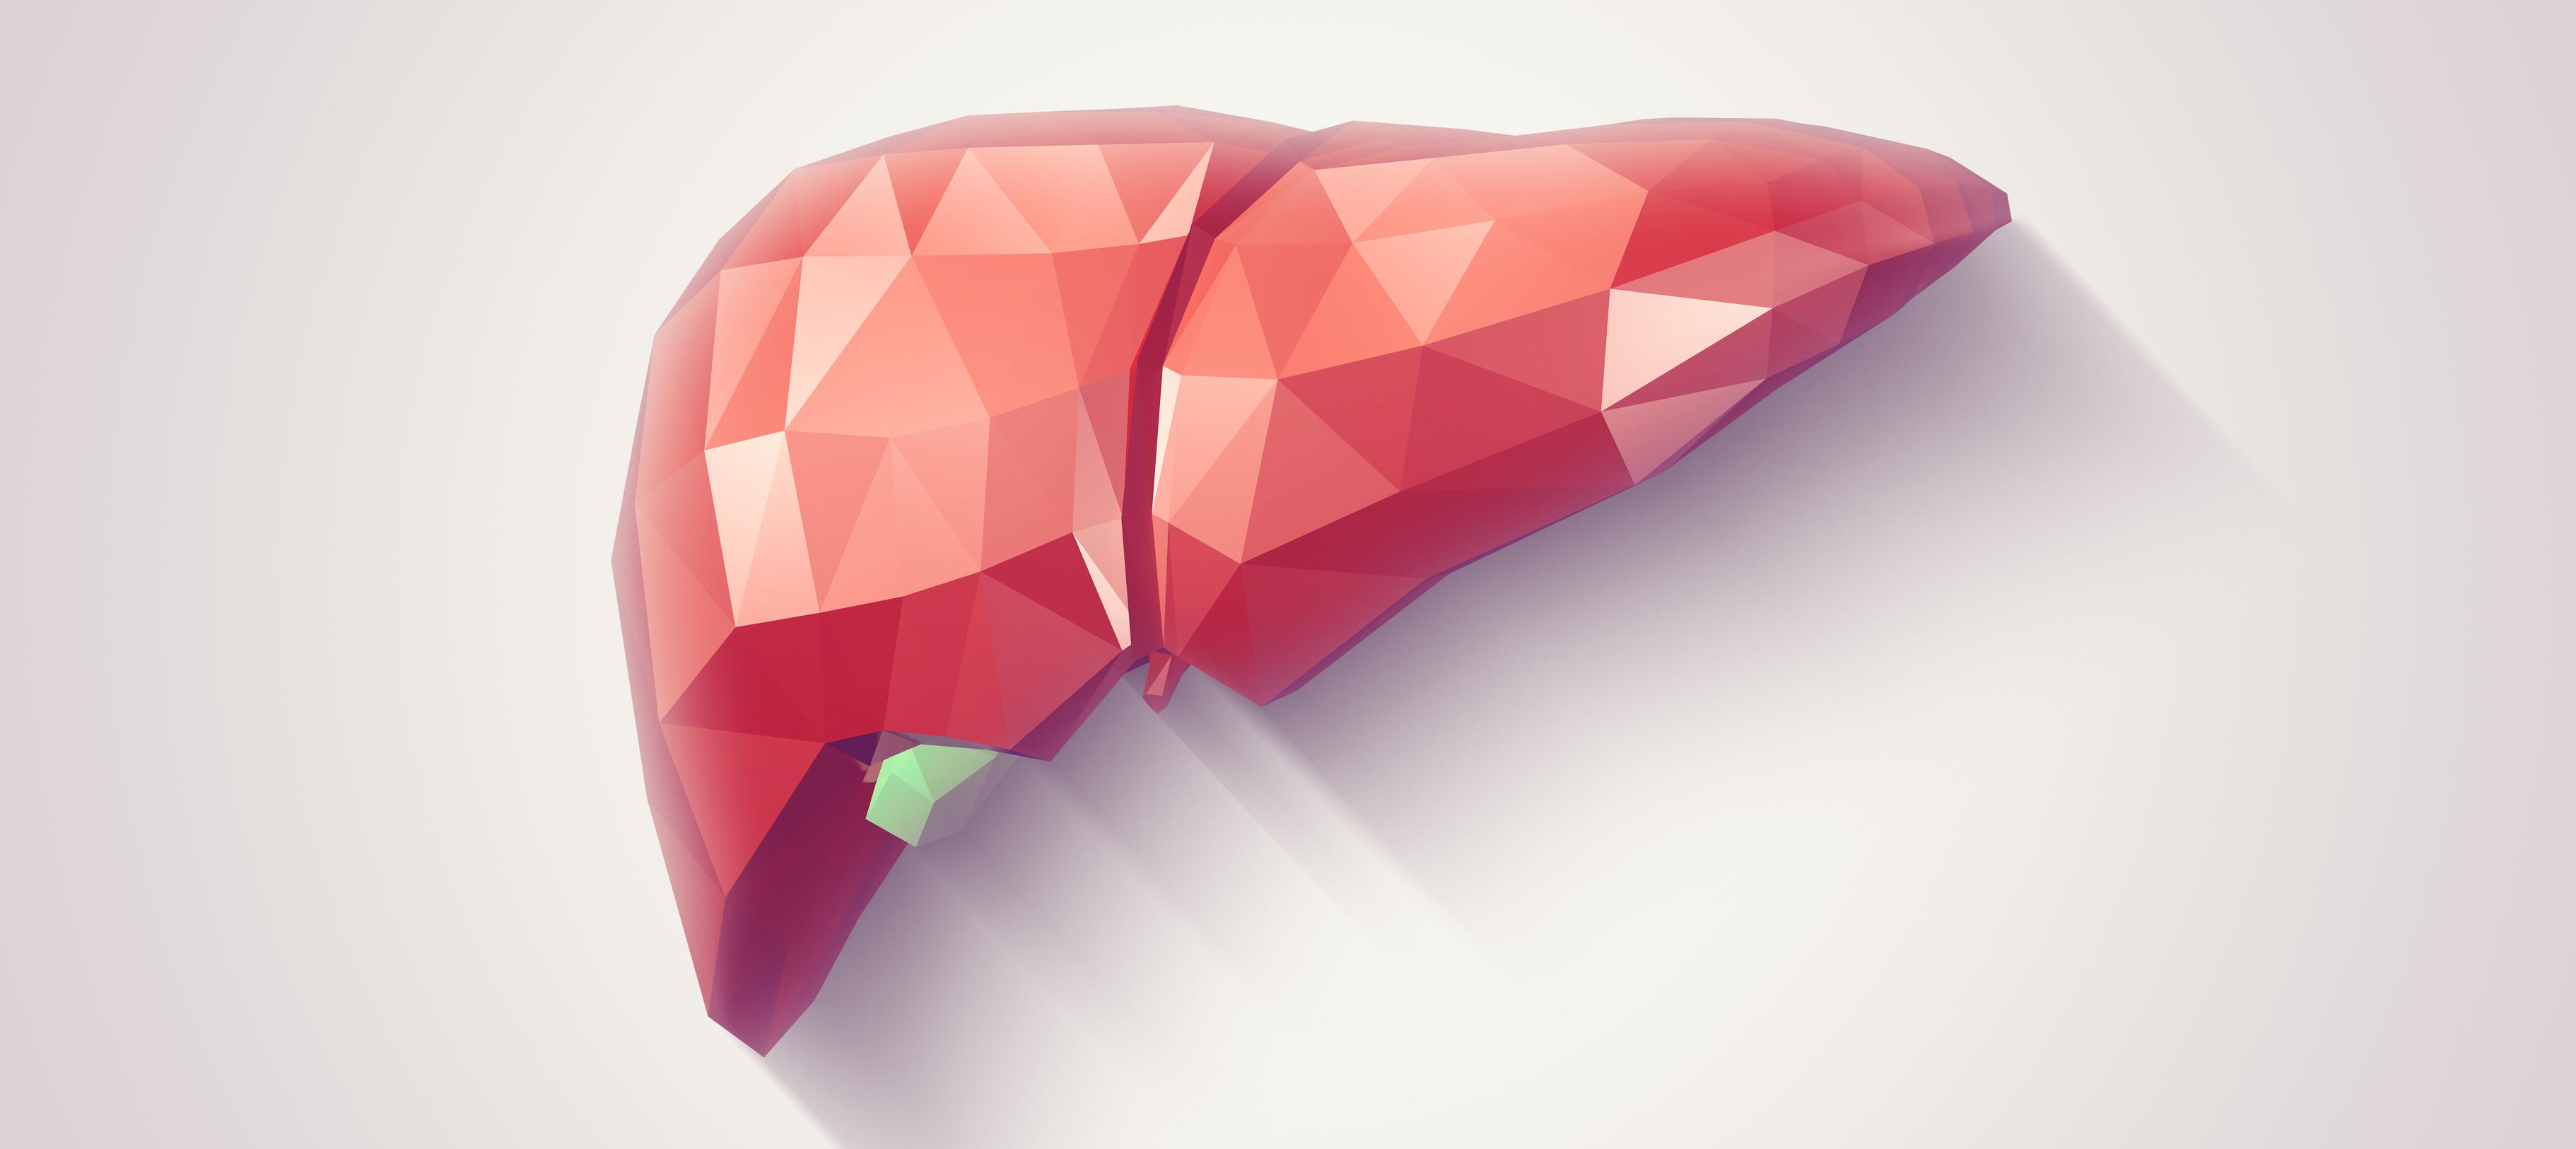 Duke liver transplant